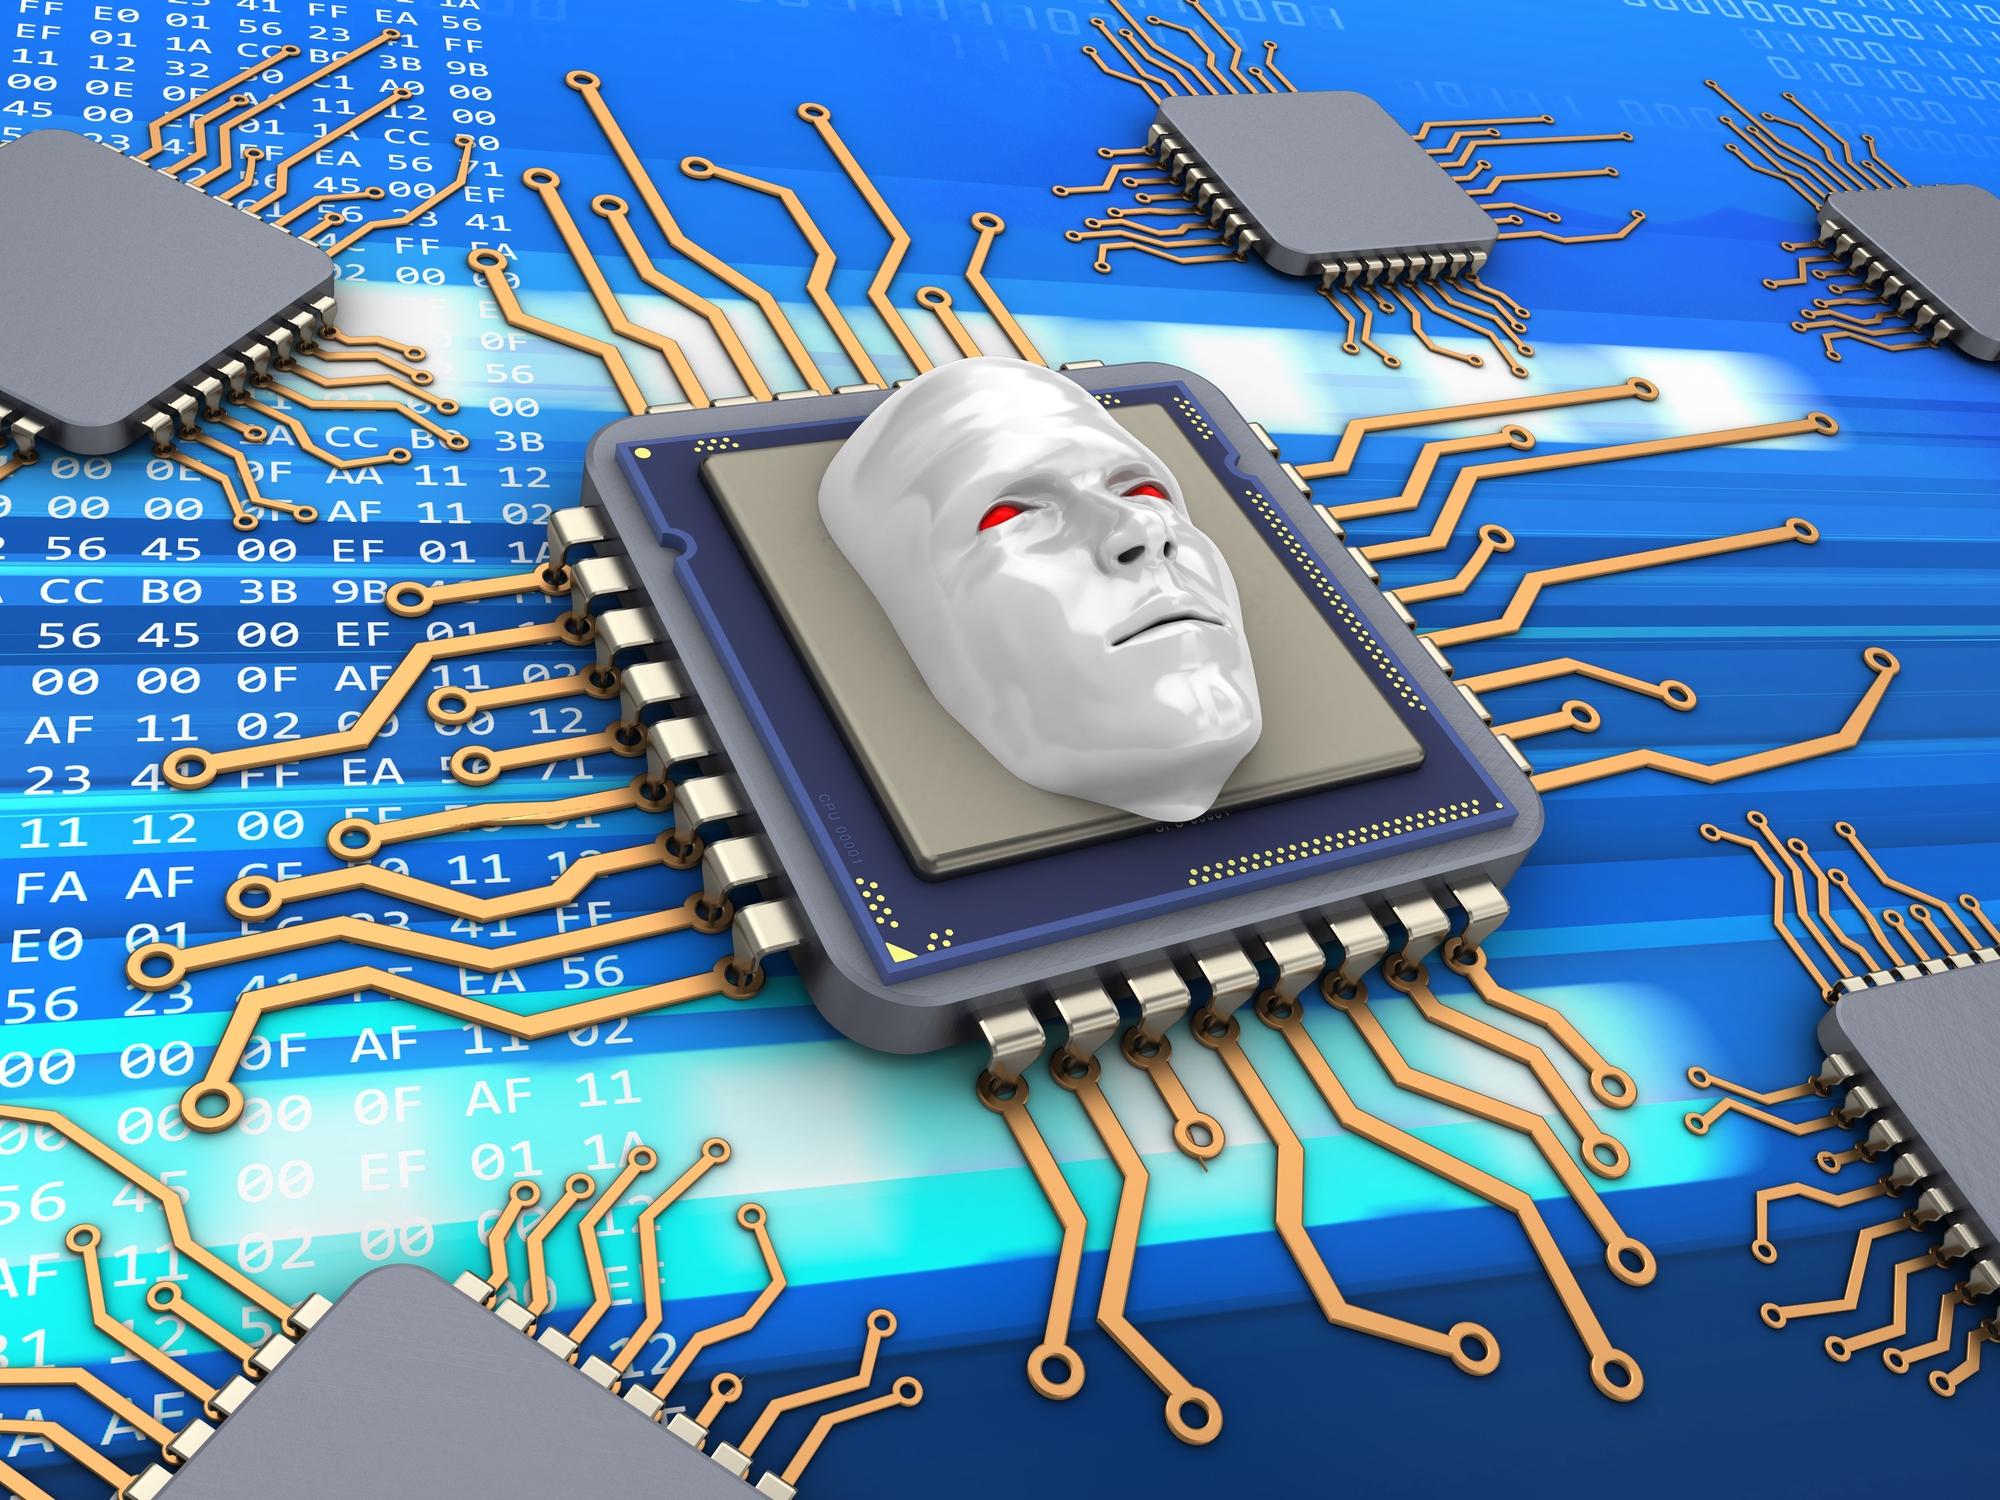 שבב בינה מלאכותית. אילוסטרציה: depositphotos.com